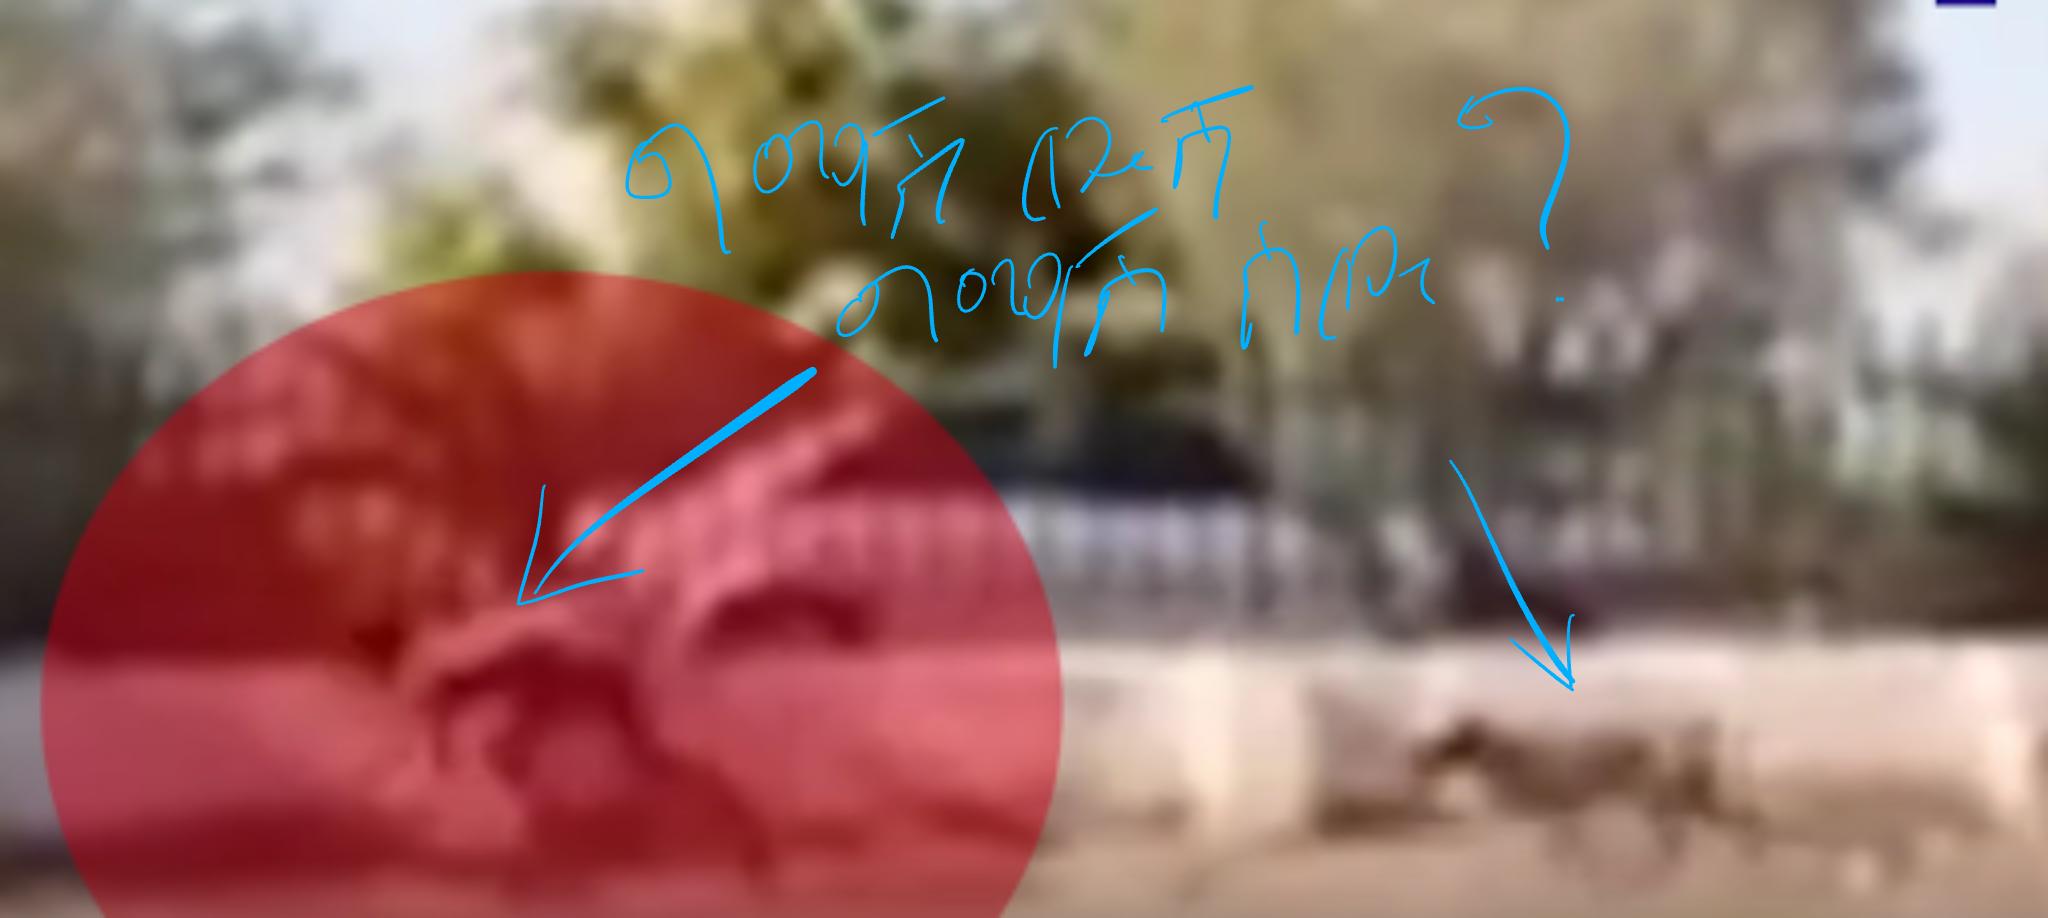 በደቡብ አፍሪካ ታየ የተባለው «ግማሽ-ሰው ግማሽ-ውሻ» እውነት ነው? | EthioFactCheck.com